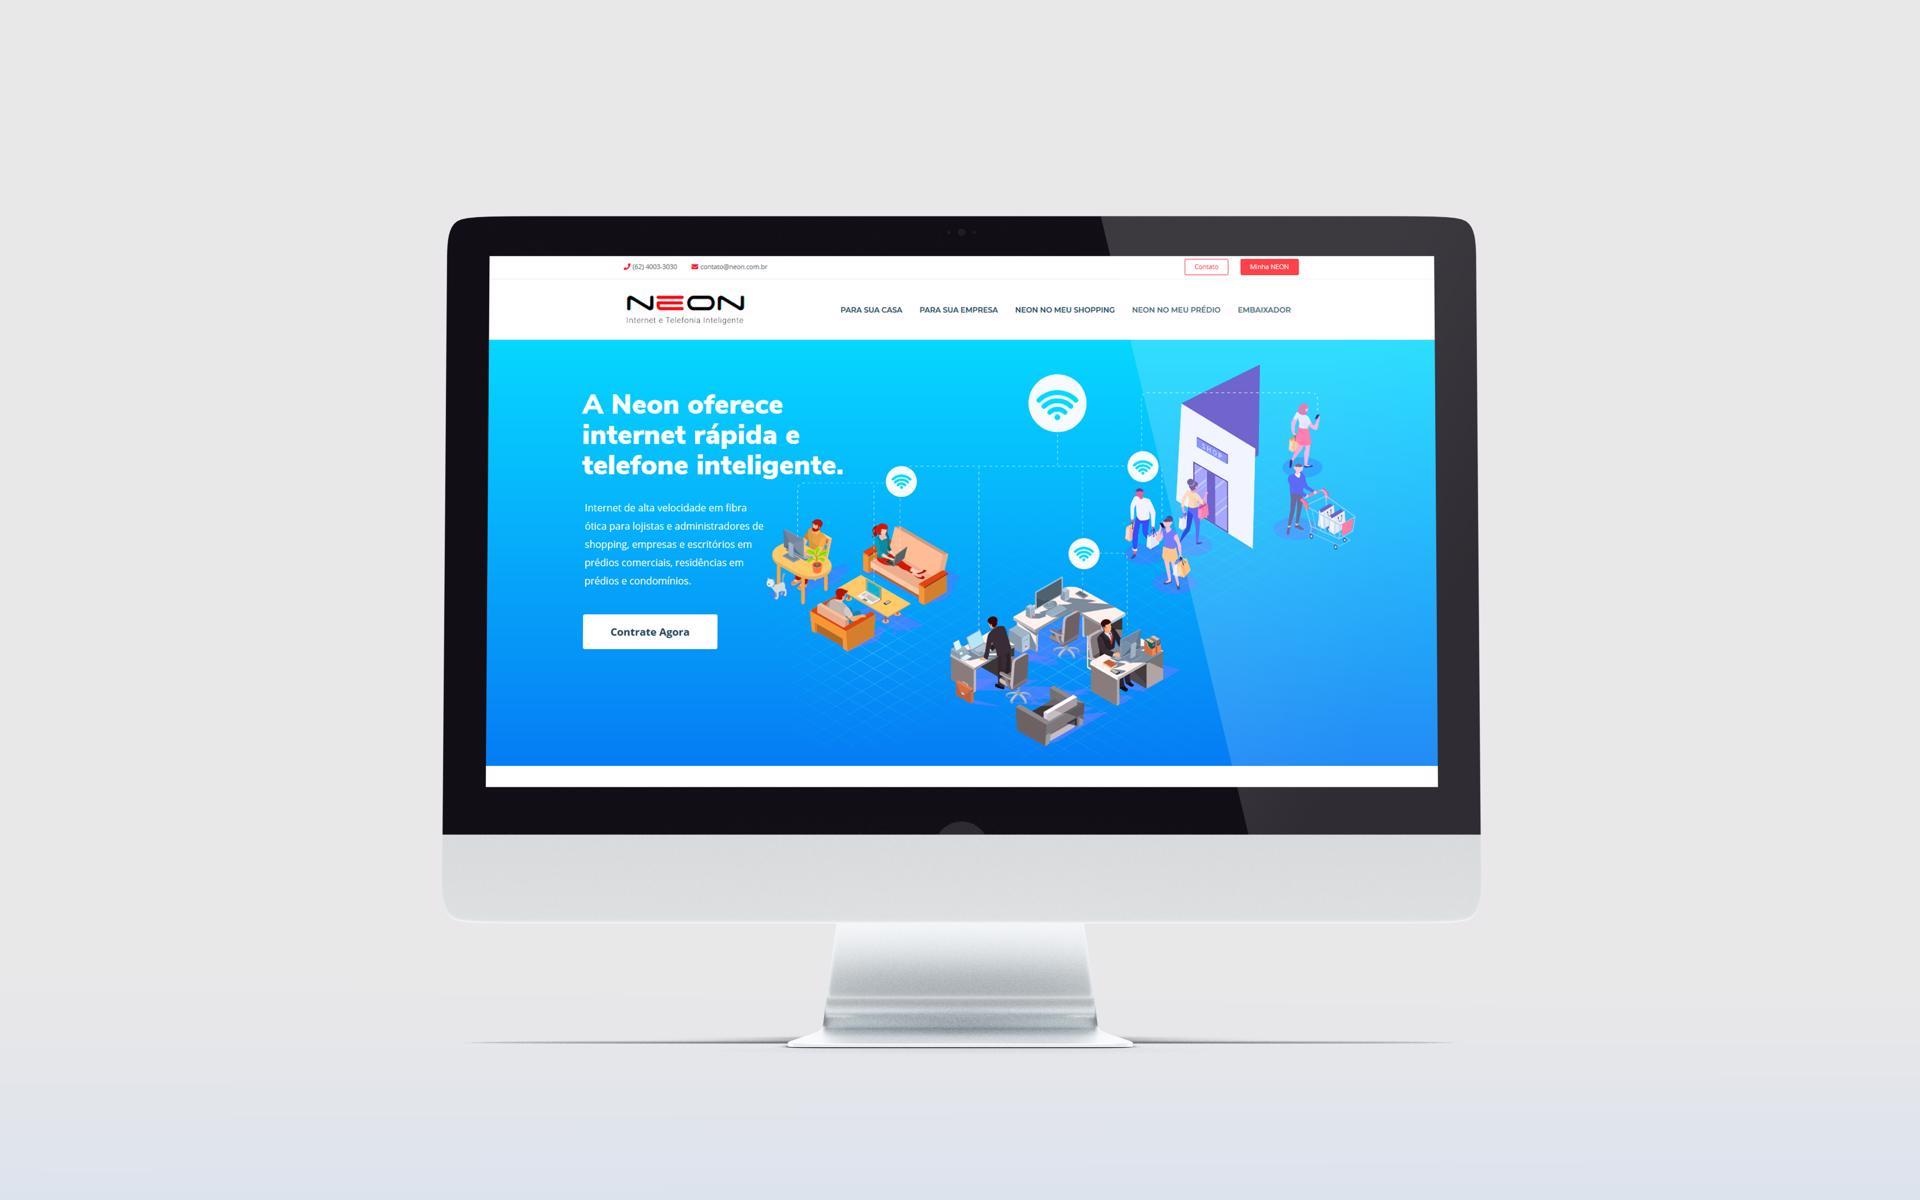 Criação de Sites WordPress - NEON Internet - Buenosites - Criação de Sites e Logotipos